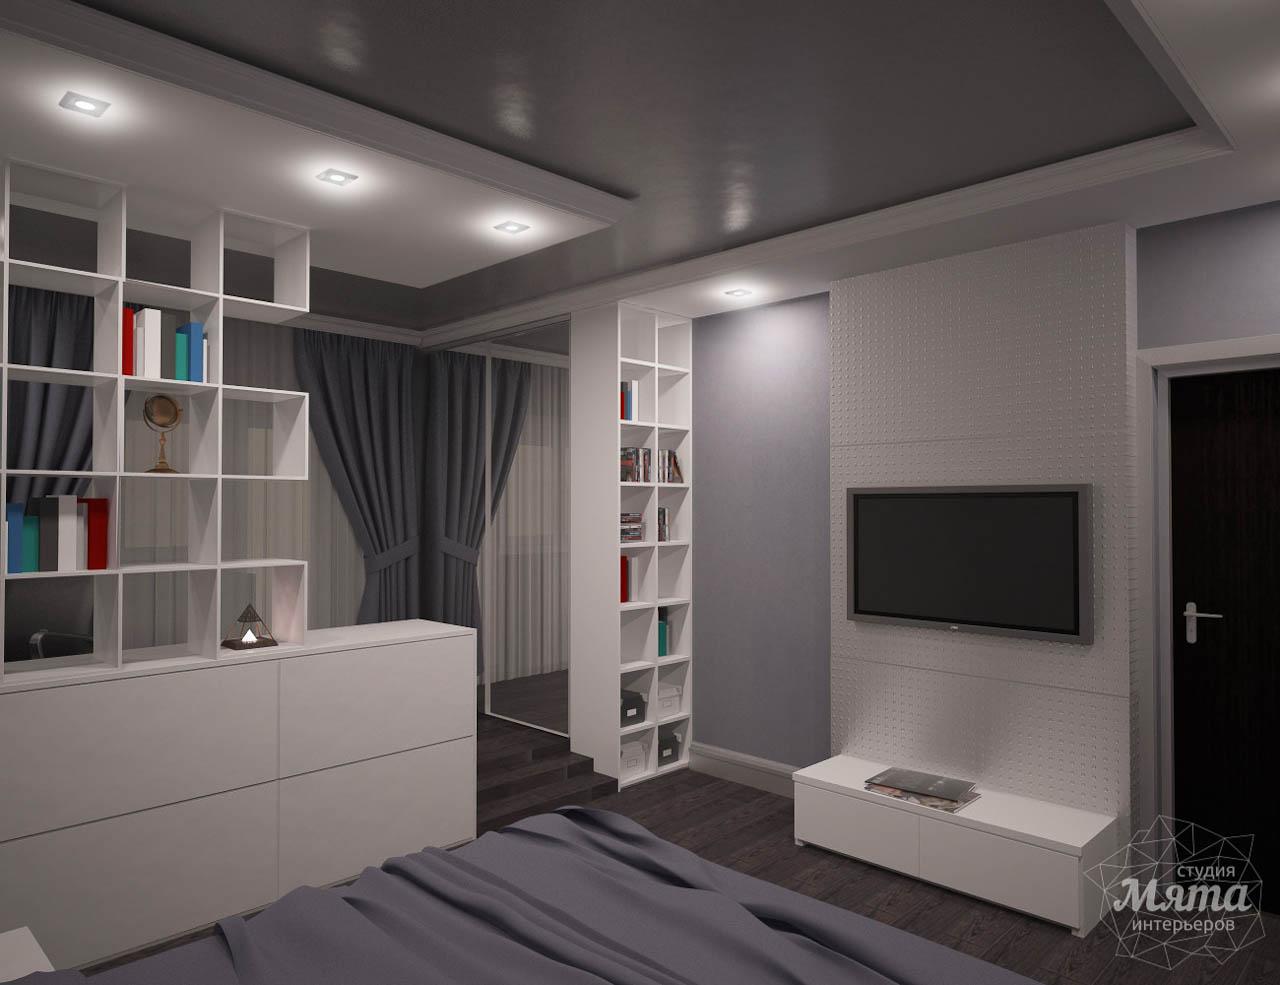 Дизайн интерьера однокомнатной квартиры по ул. Посадская 34 img1564223919